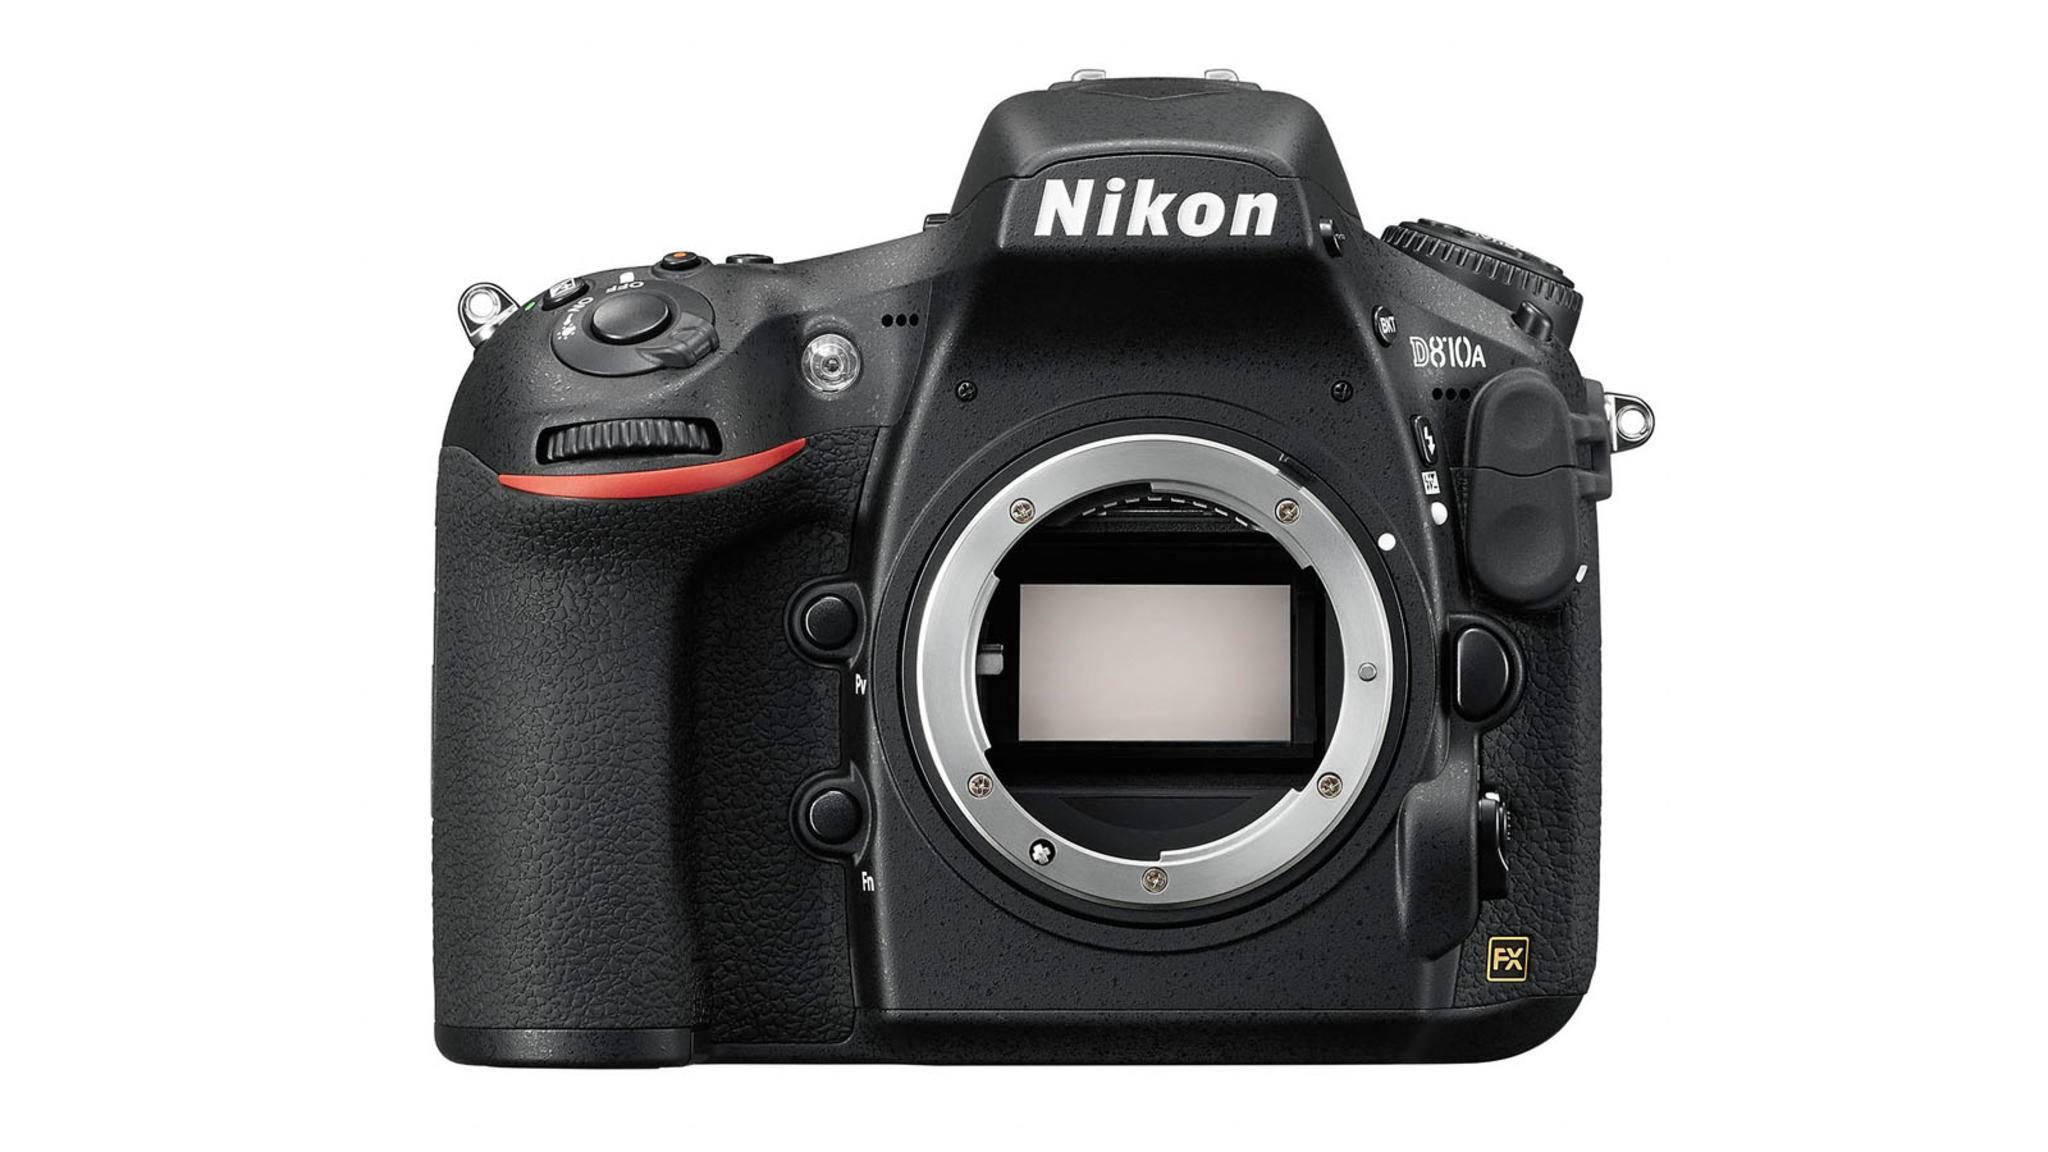 Die Nikon D820 soll das Vorgängermodell D810A in vielen Bereichen übertreffen.